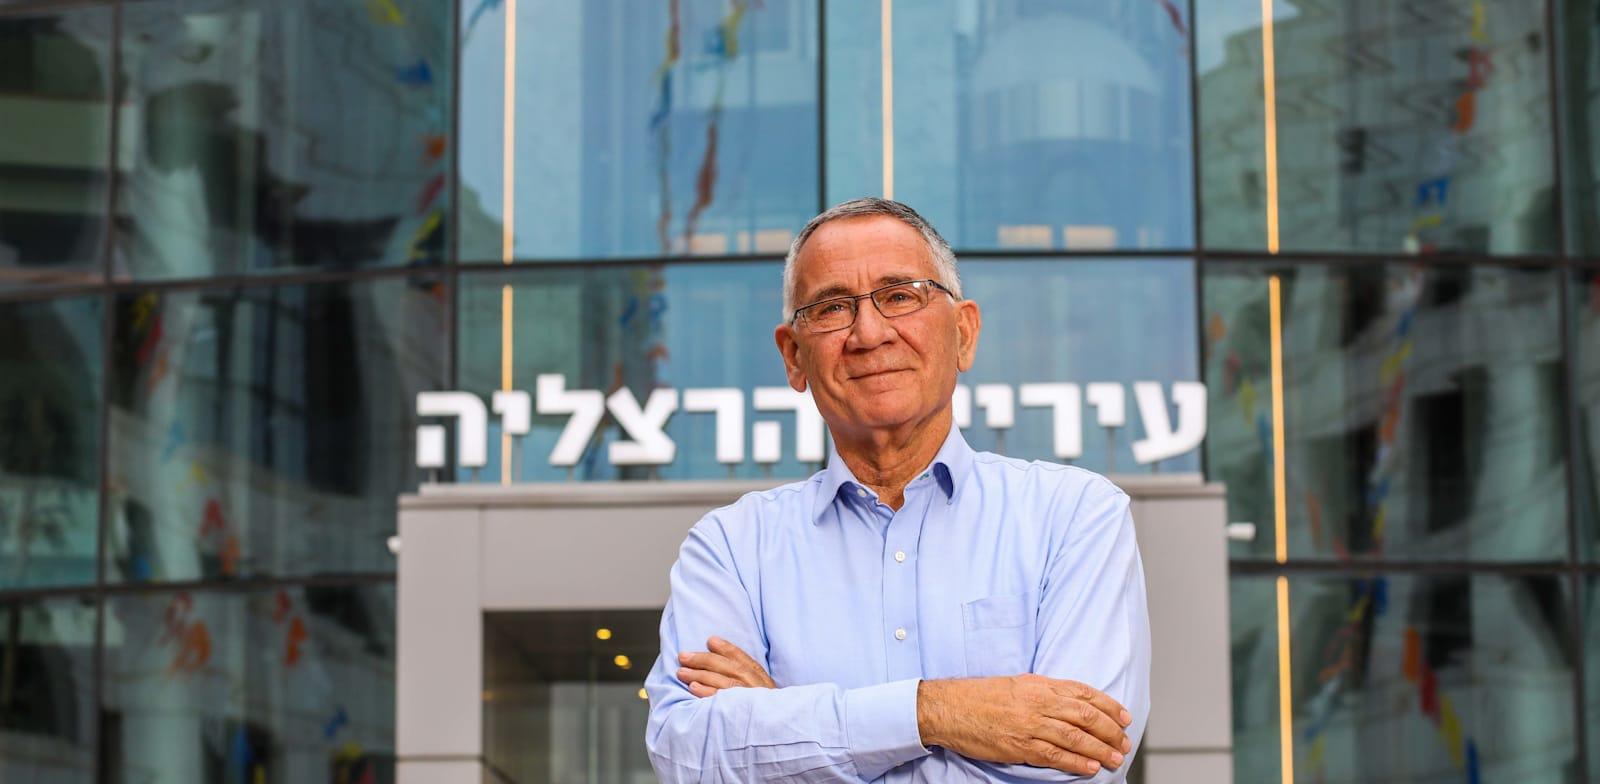 משה פדלון, ראש עיריית הרצליה / צילום: שלומי יוסף